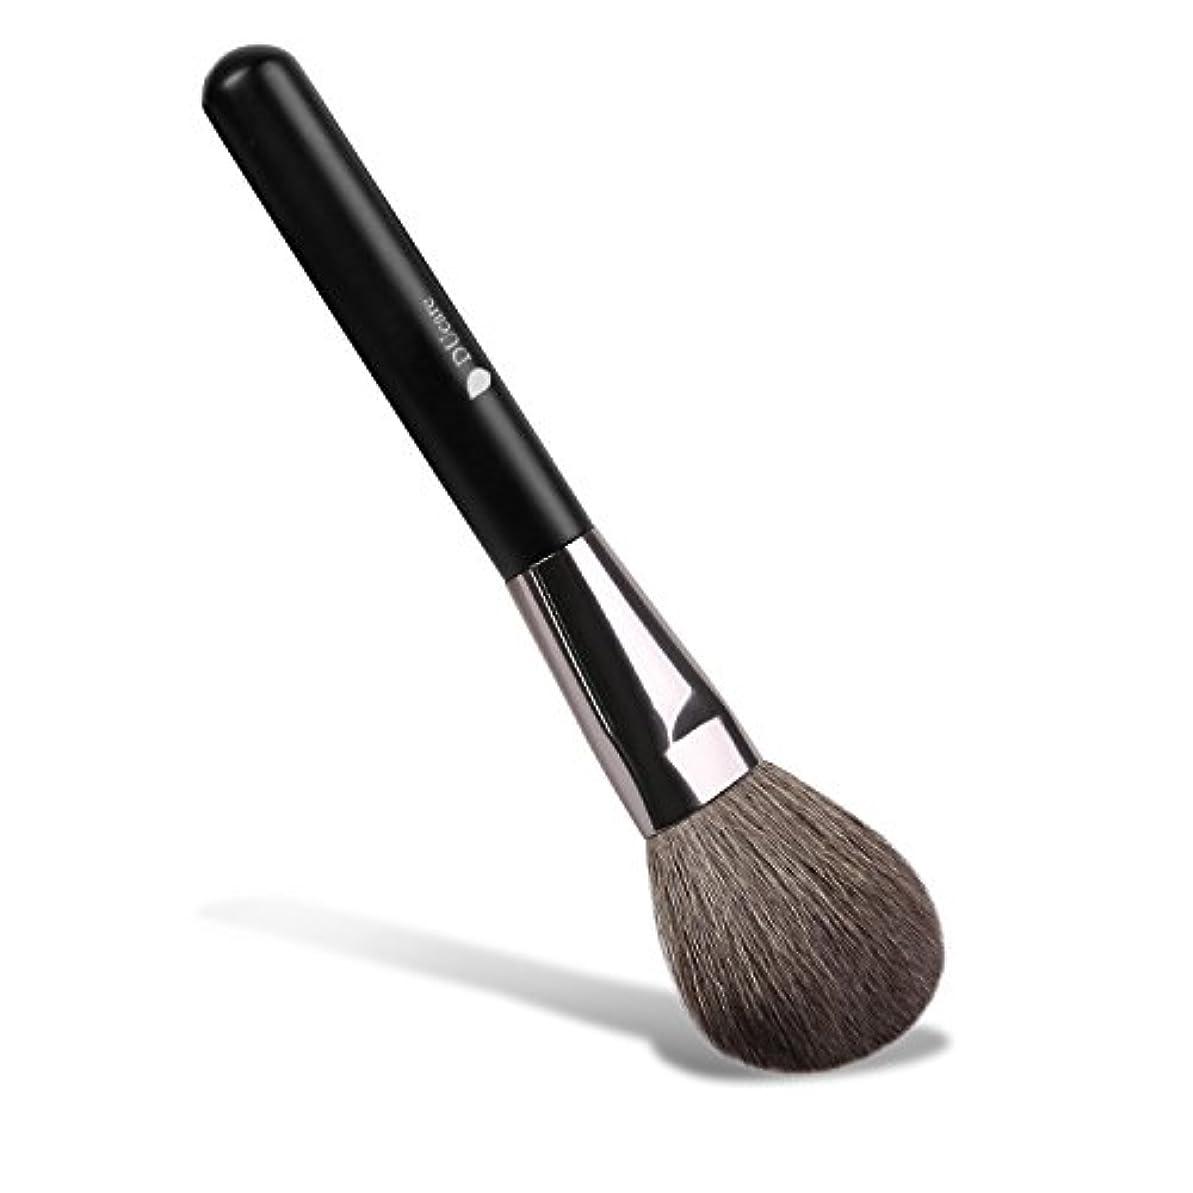 予見する常に緊張DUcare ドゥケア 化粧筆 山羊毛 フェイスブラシ パウダー&チークブラシ 天然毛をたっぷり使用